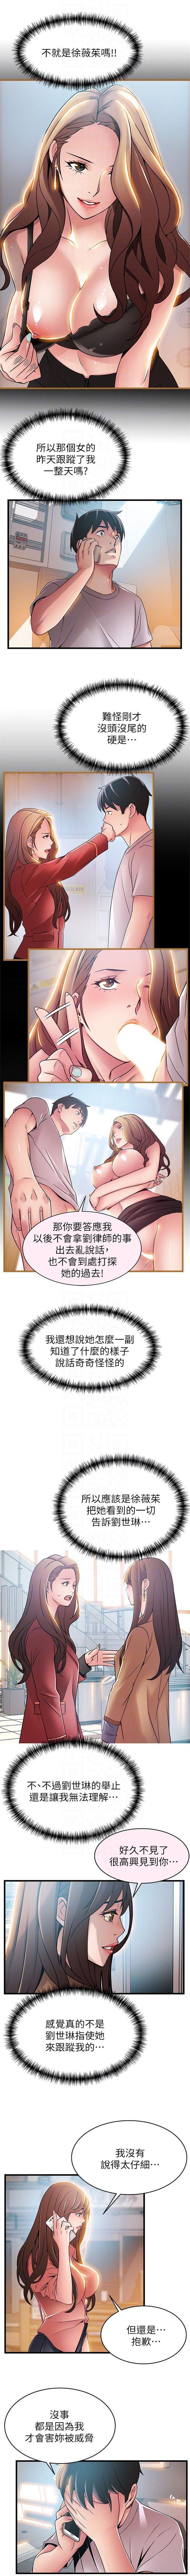 (週7)弱點 1-76 中文翻譯(更新中) 251